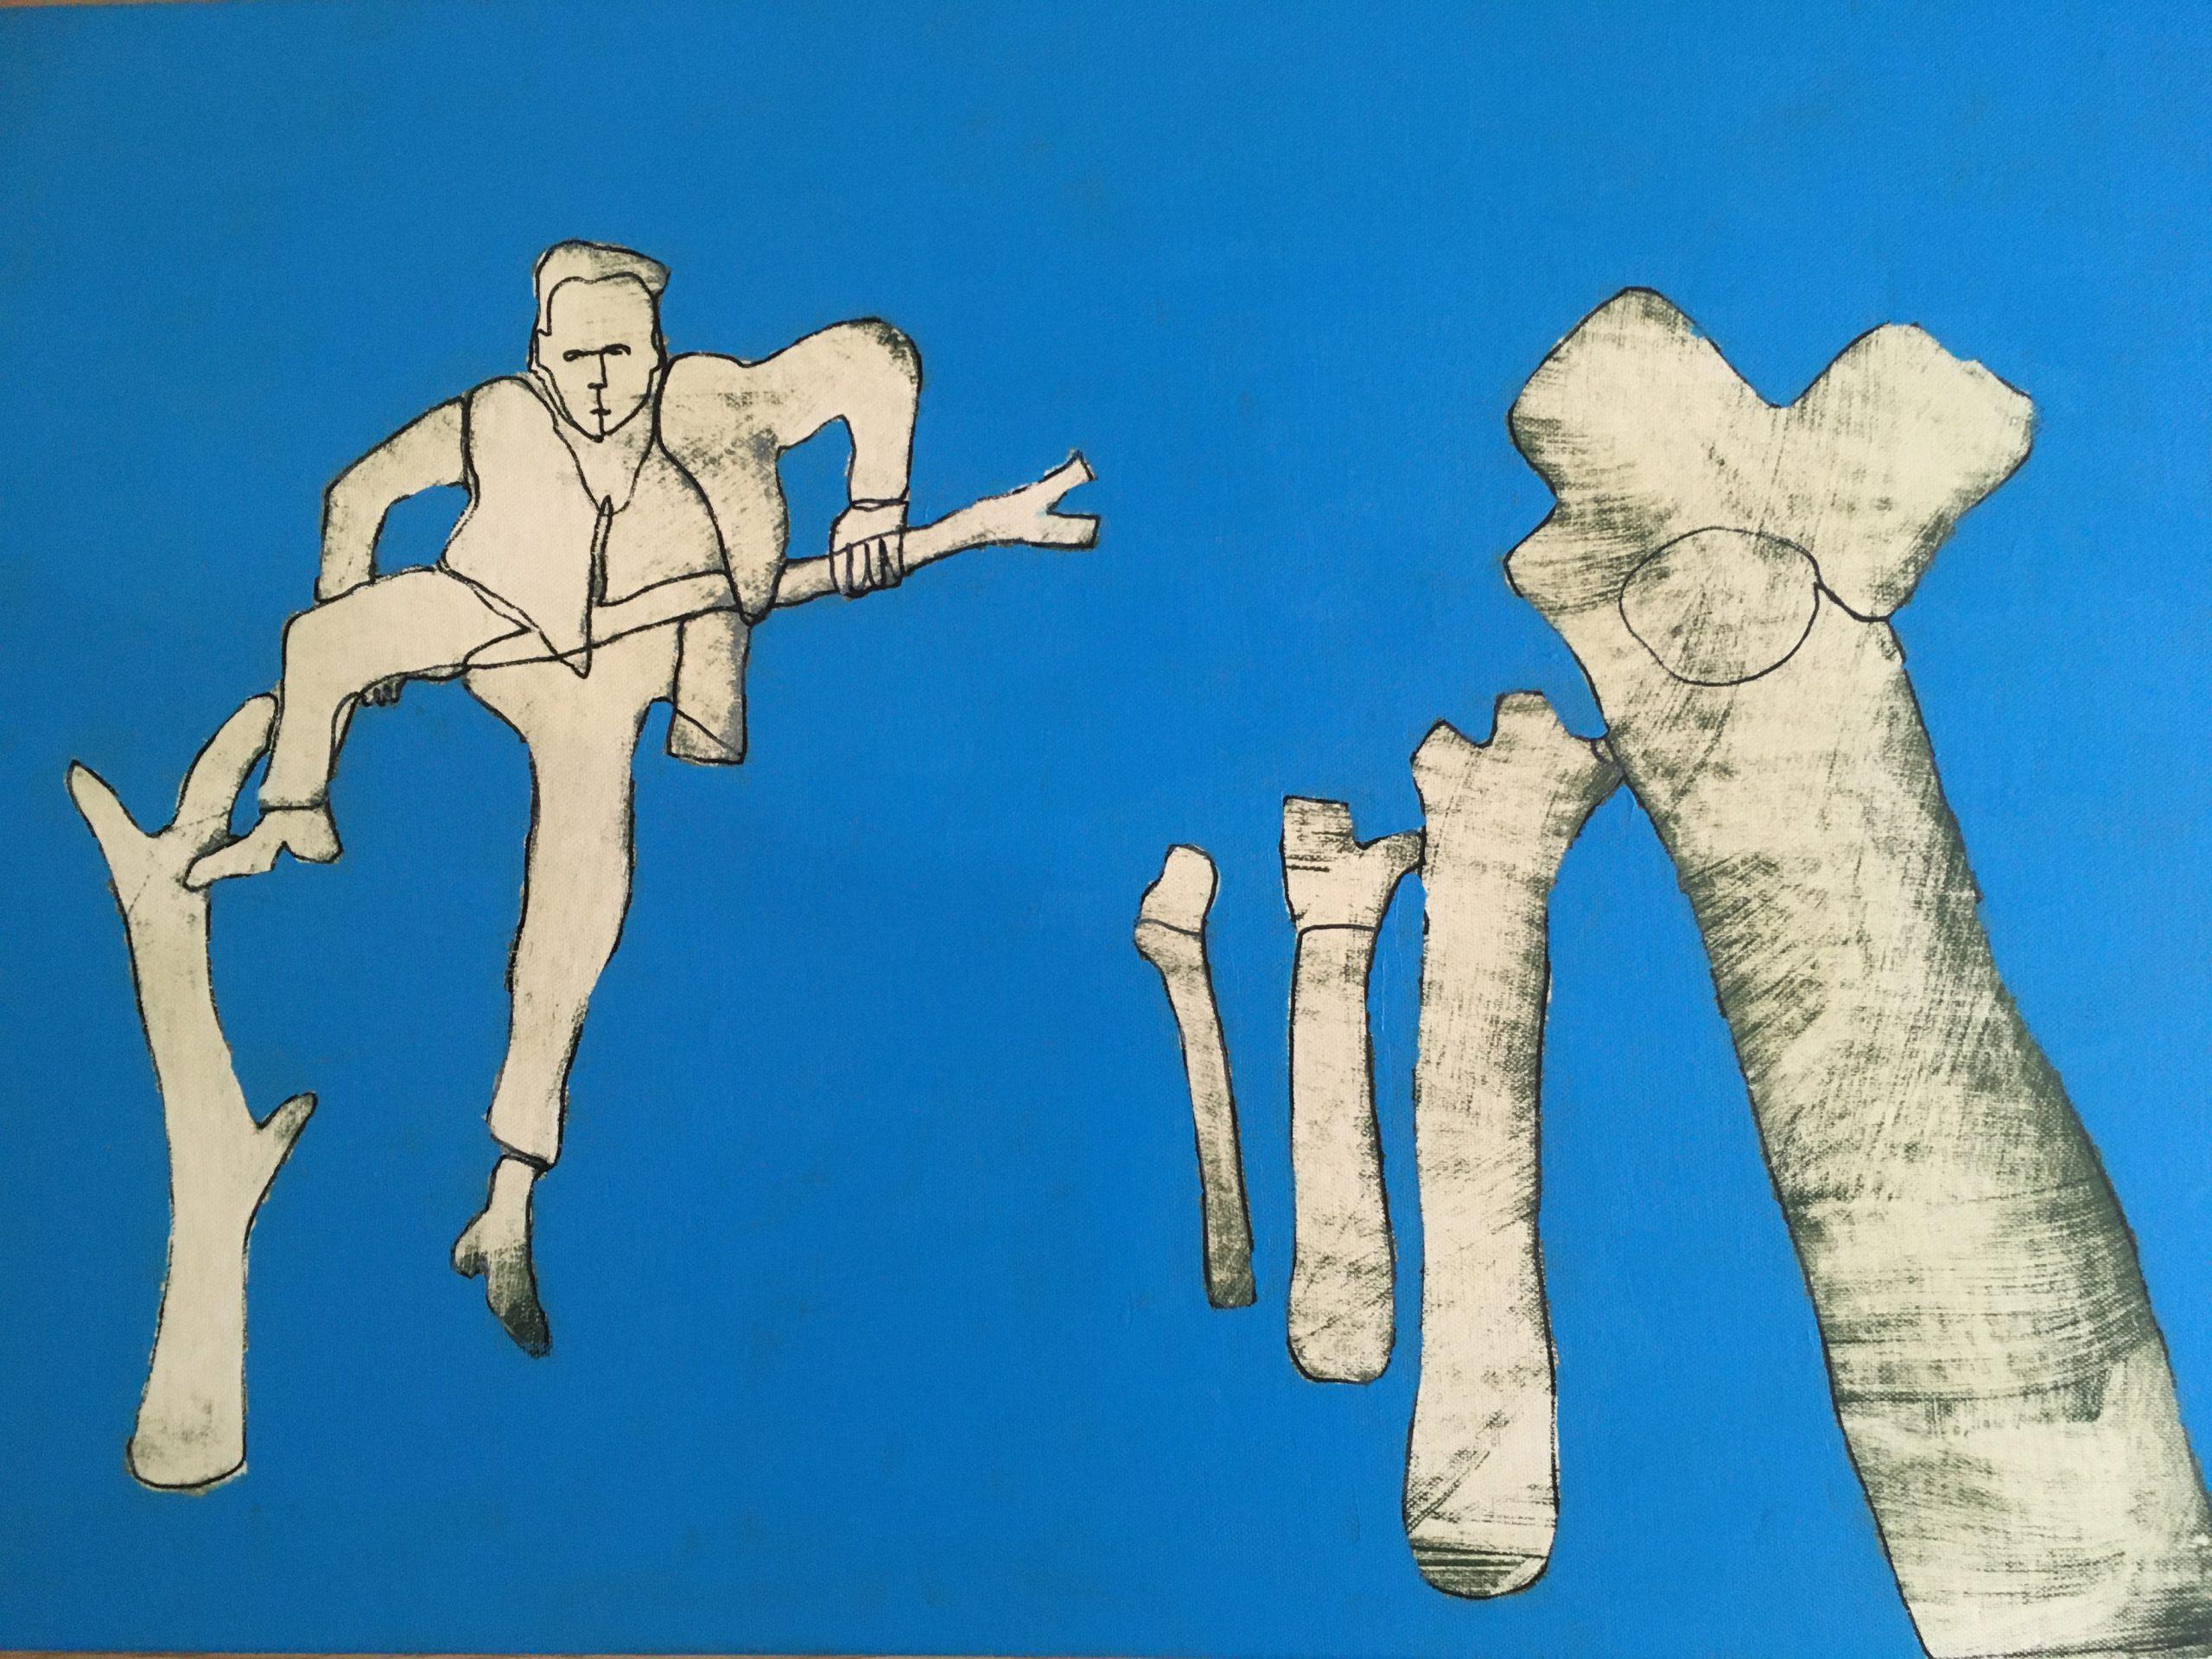 Zeichnung von Heike Becker aus dem Jahr 2021 coloriert in der Farbe Blau